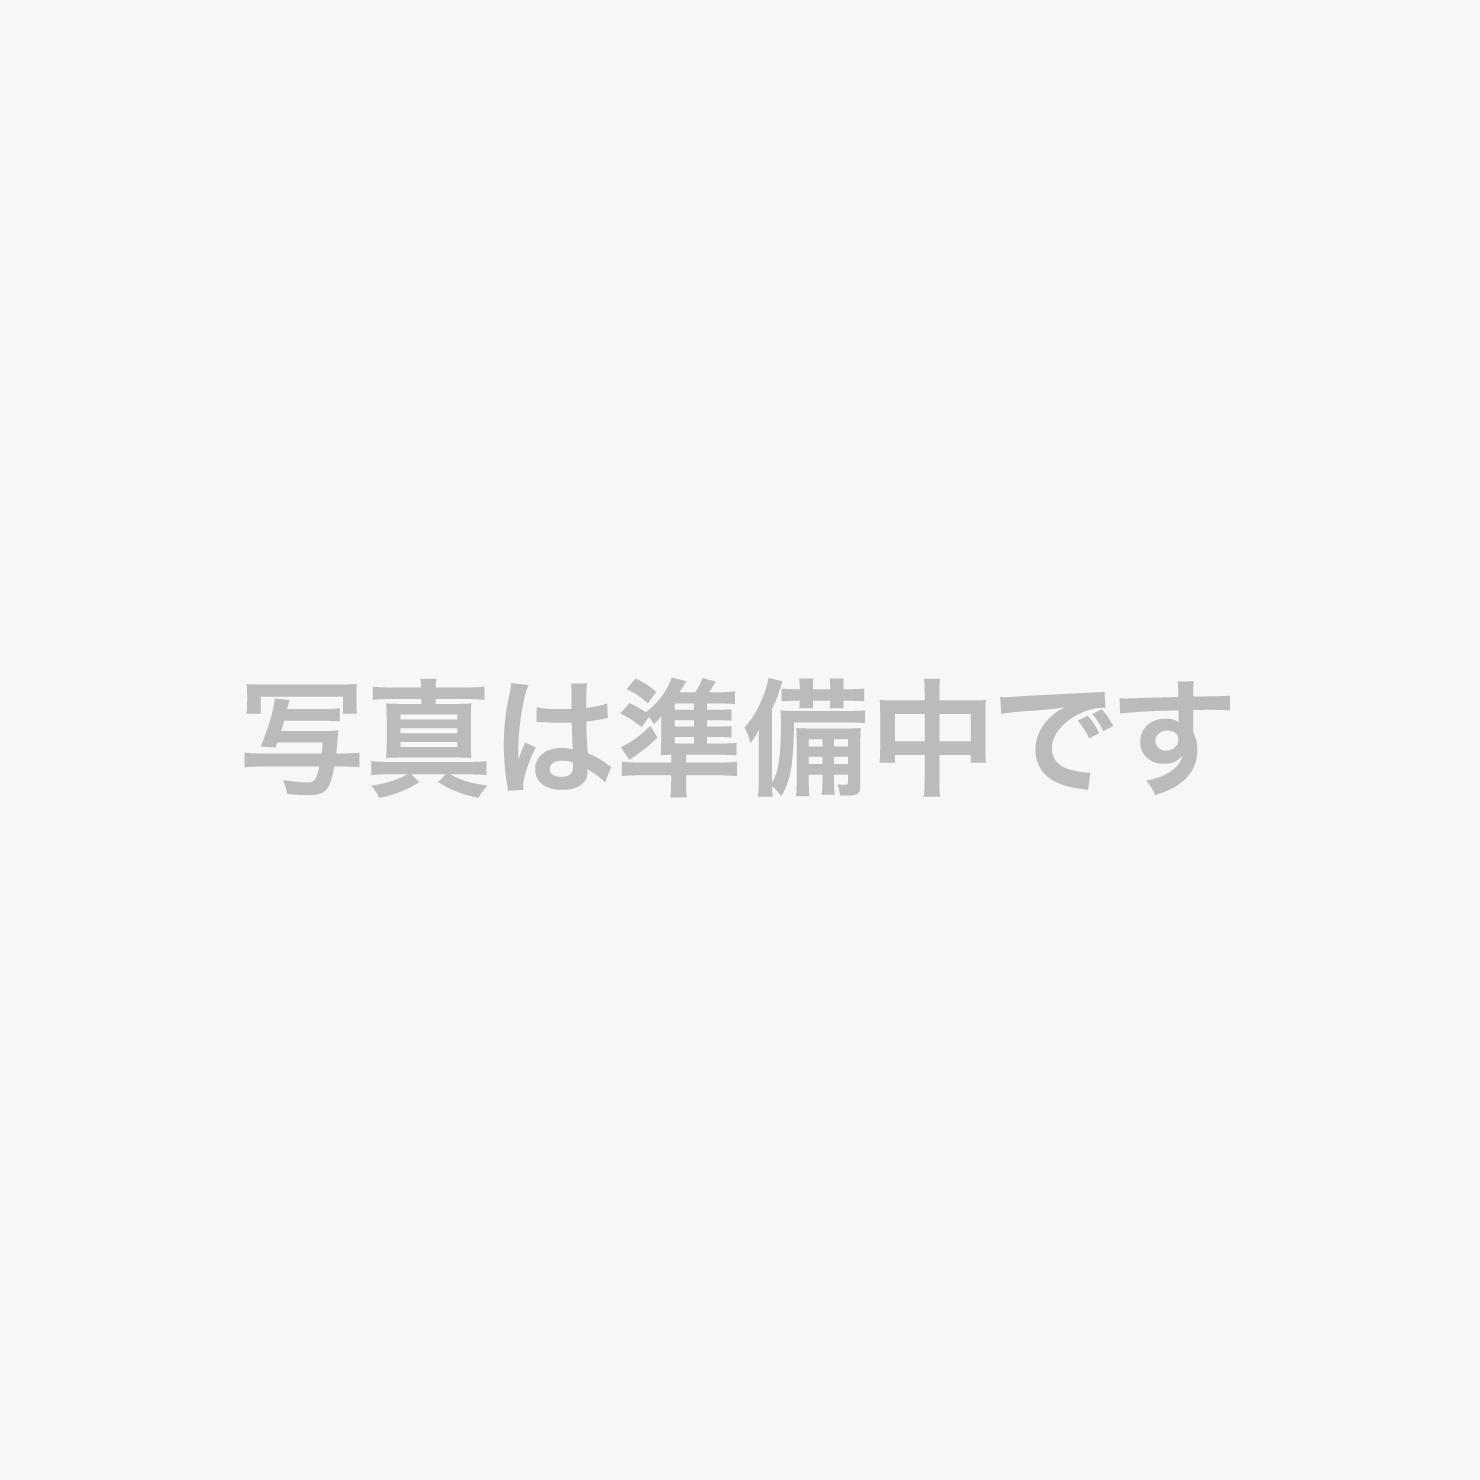 □ 焼き魚と 手作りのだし巻き玉子に  博多ならでは、2種類の「明太子」をお楽しみください。             サラダ又は温野菜、フルーツヨーグルトに、オレンジジュース             福岡県産米ヒノヒカリのご飯にお味噌汁もご用意しております。